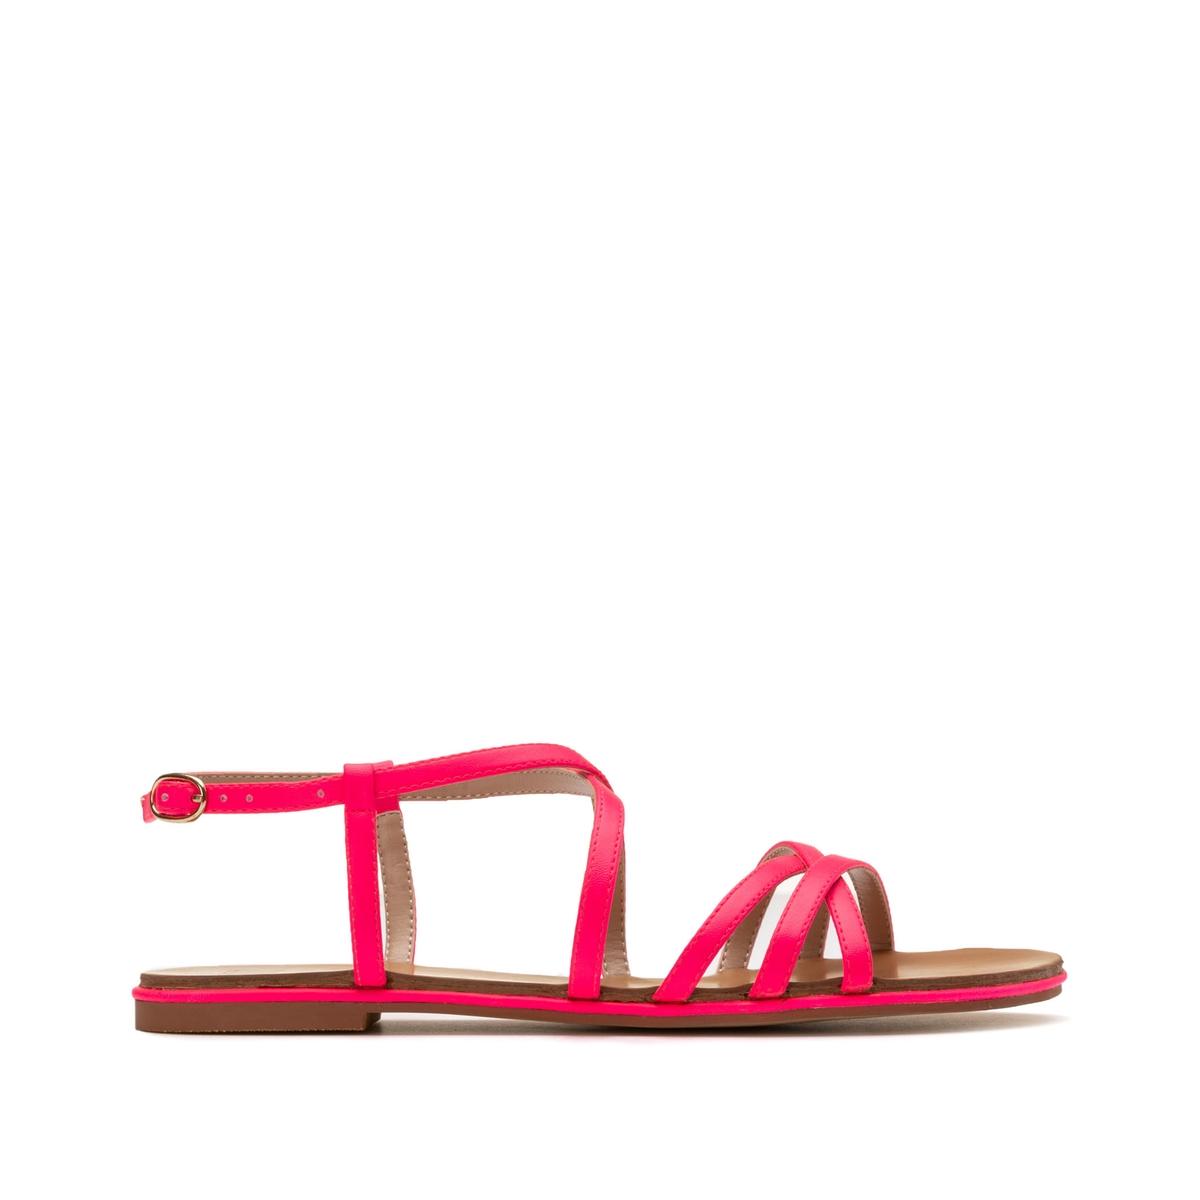 Sandalias con correas y tacón plano